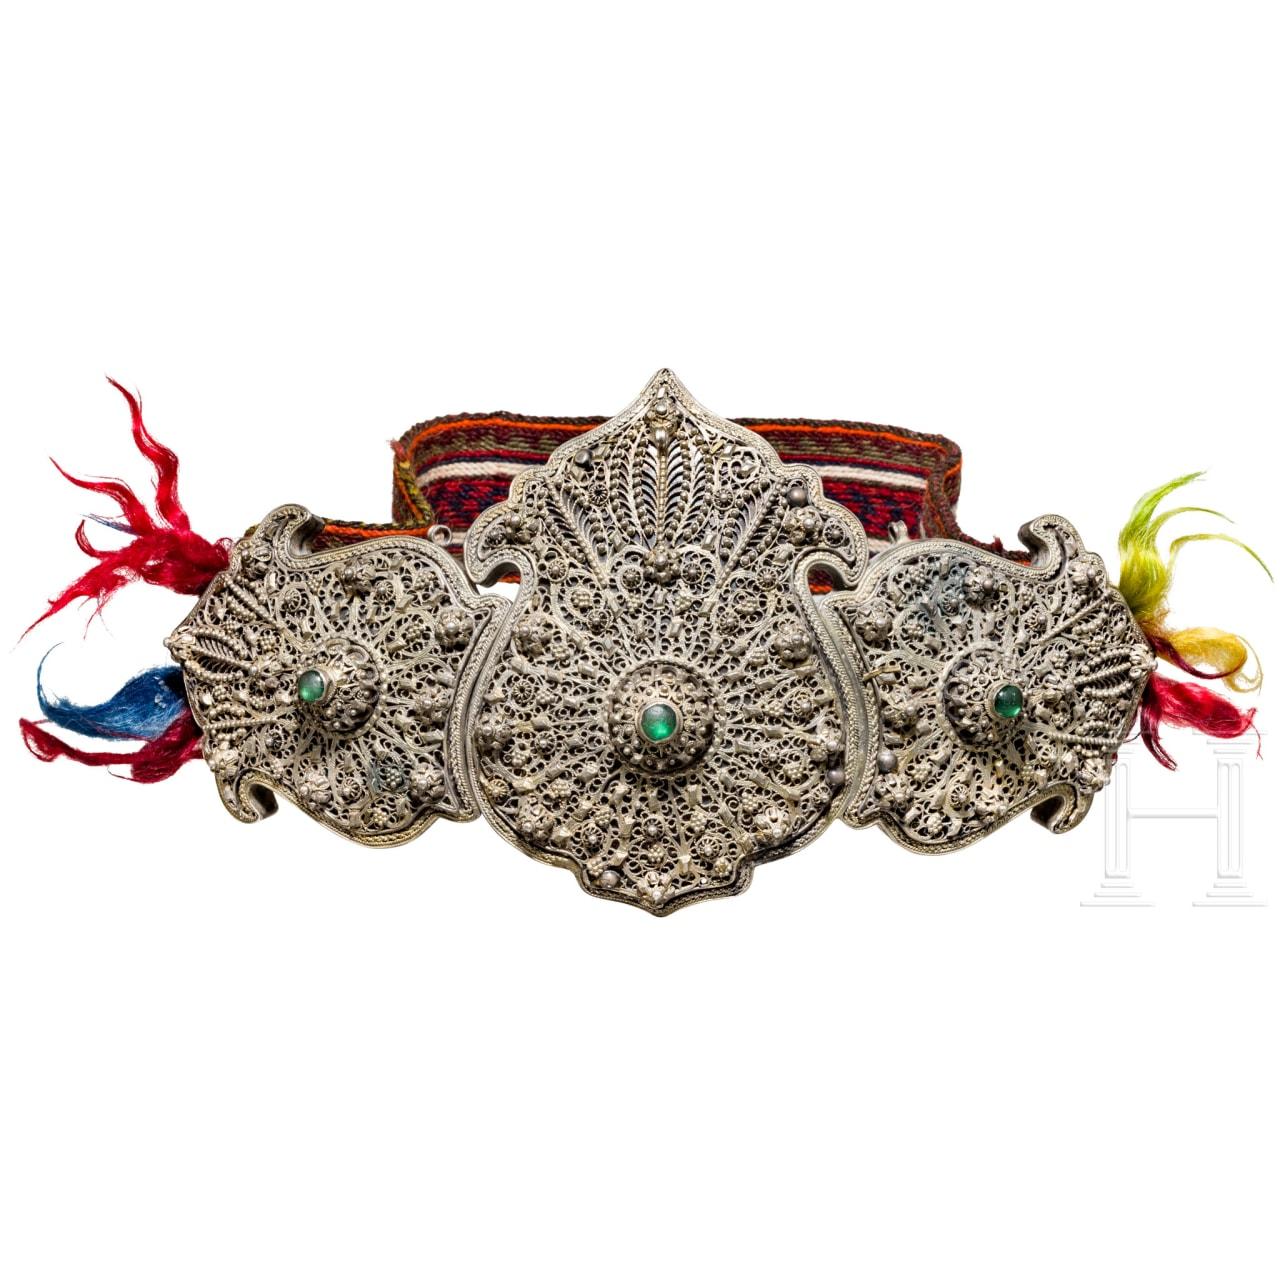 Große, filigranverzierte Gürtelschließe aus Silber, osmanisch, 19. Jhdt.